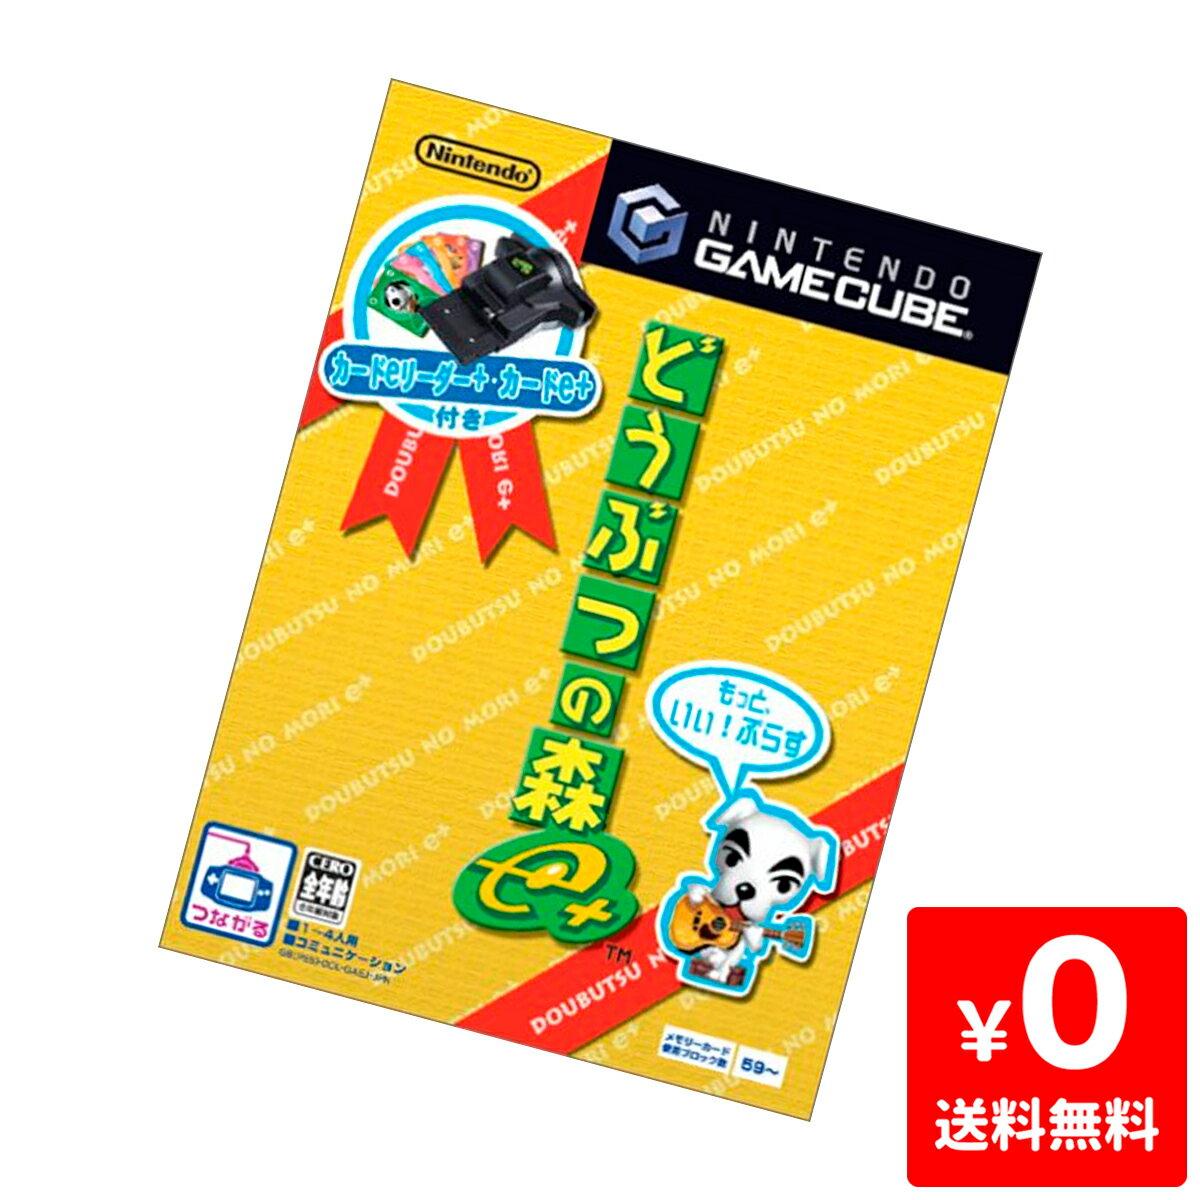 ゲームキューブ, ソフト  GC e GAMECUBE Nintendo 4902370506563